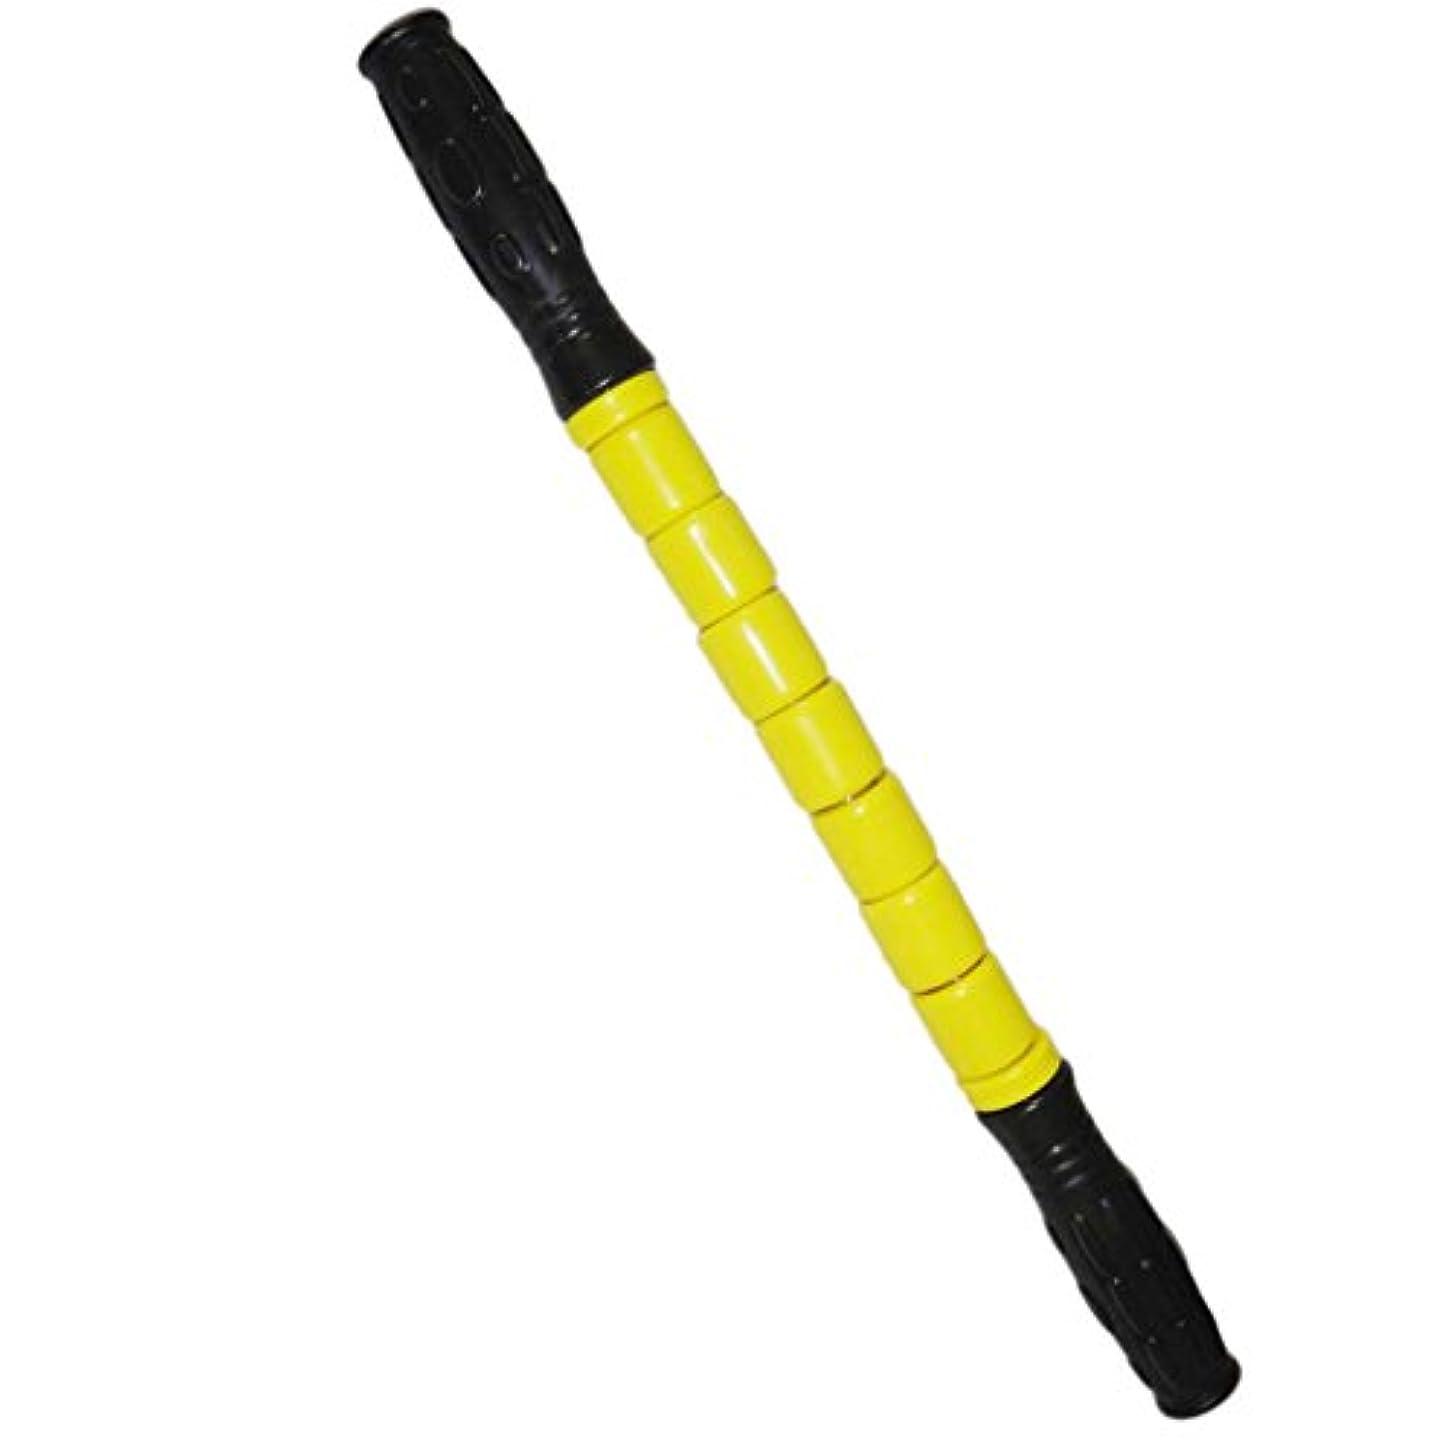 リズミカルな進むブロッサムスティック マッスル マッサージ ローラー 筋肉 グループ 痛み 疲れ 緩和 全3色 - 黄